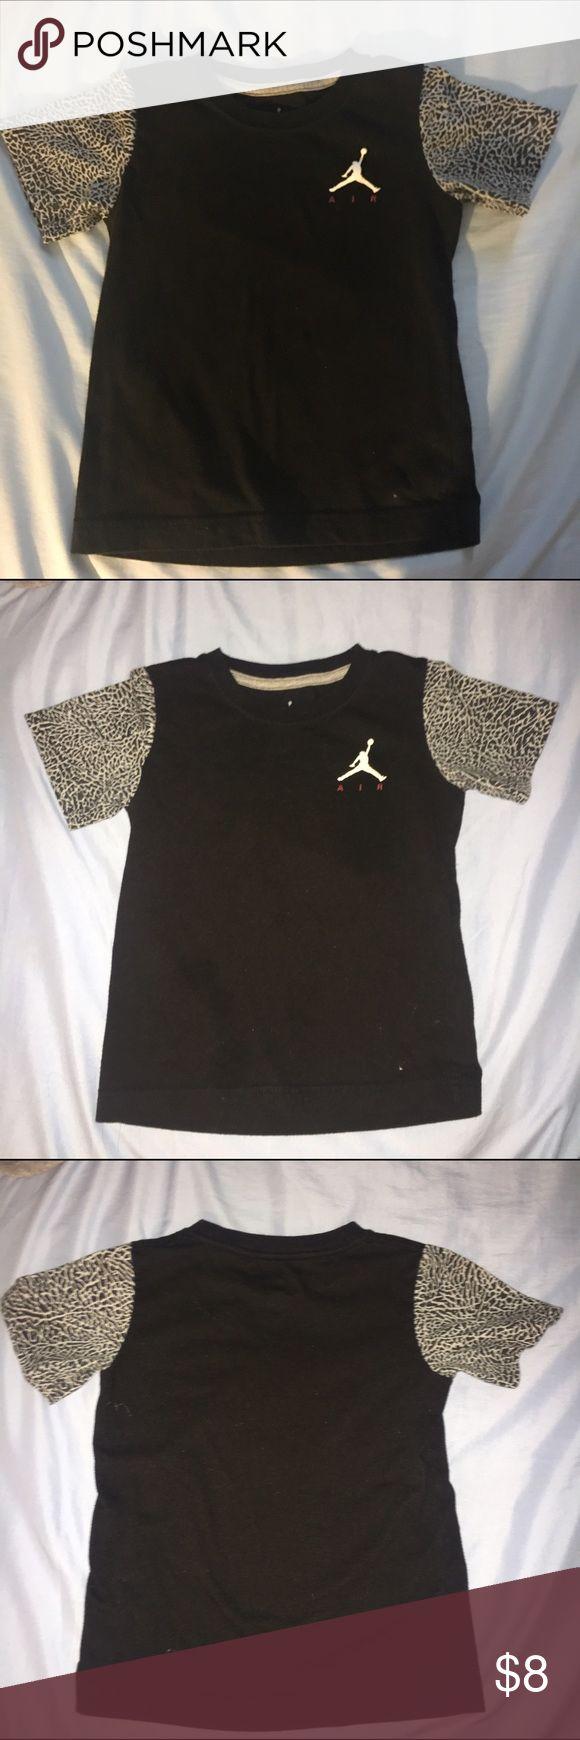 Boys 4T Air Jordan Tee Black Jordan tee size 4T Jordan Shirts & Tops Tees - Short Sleeve